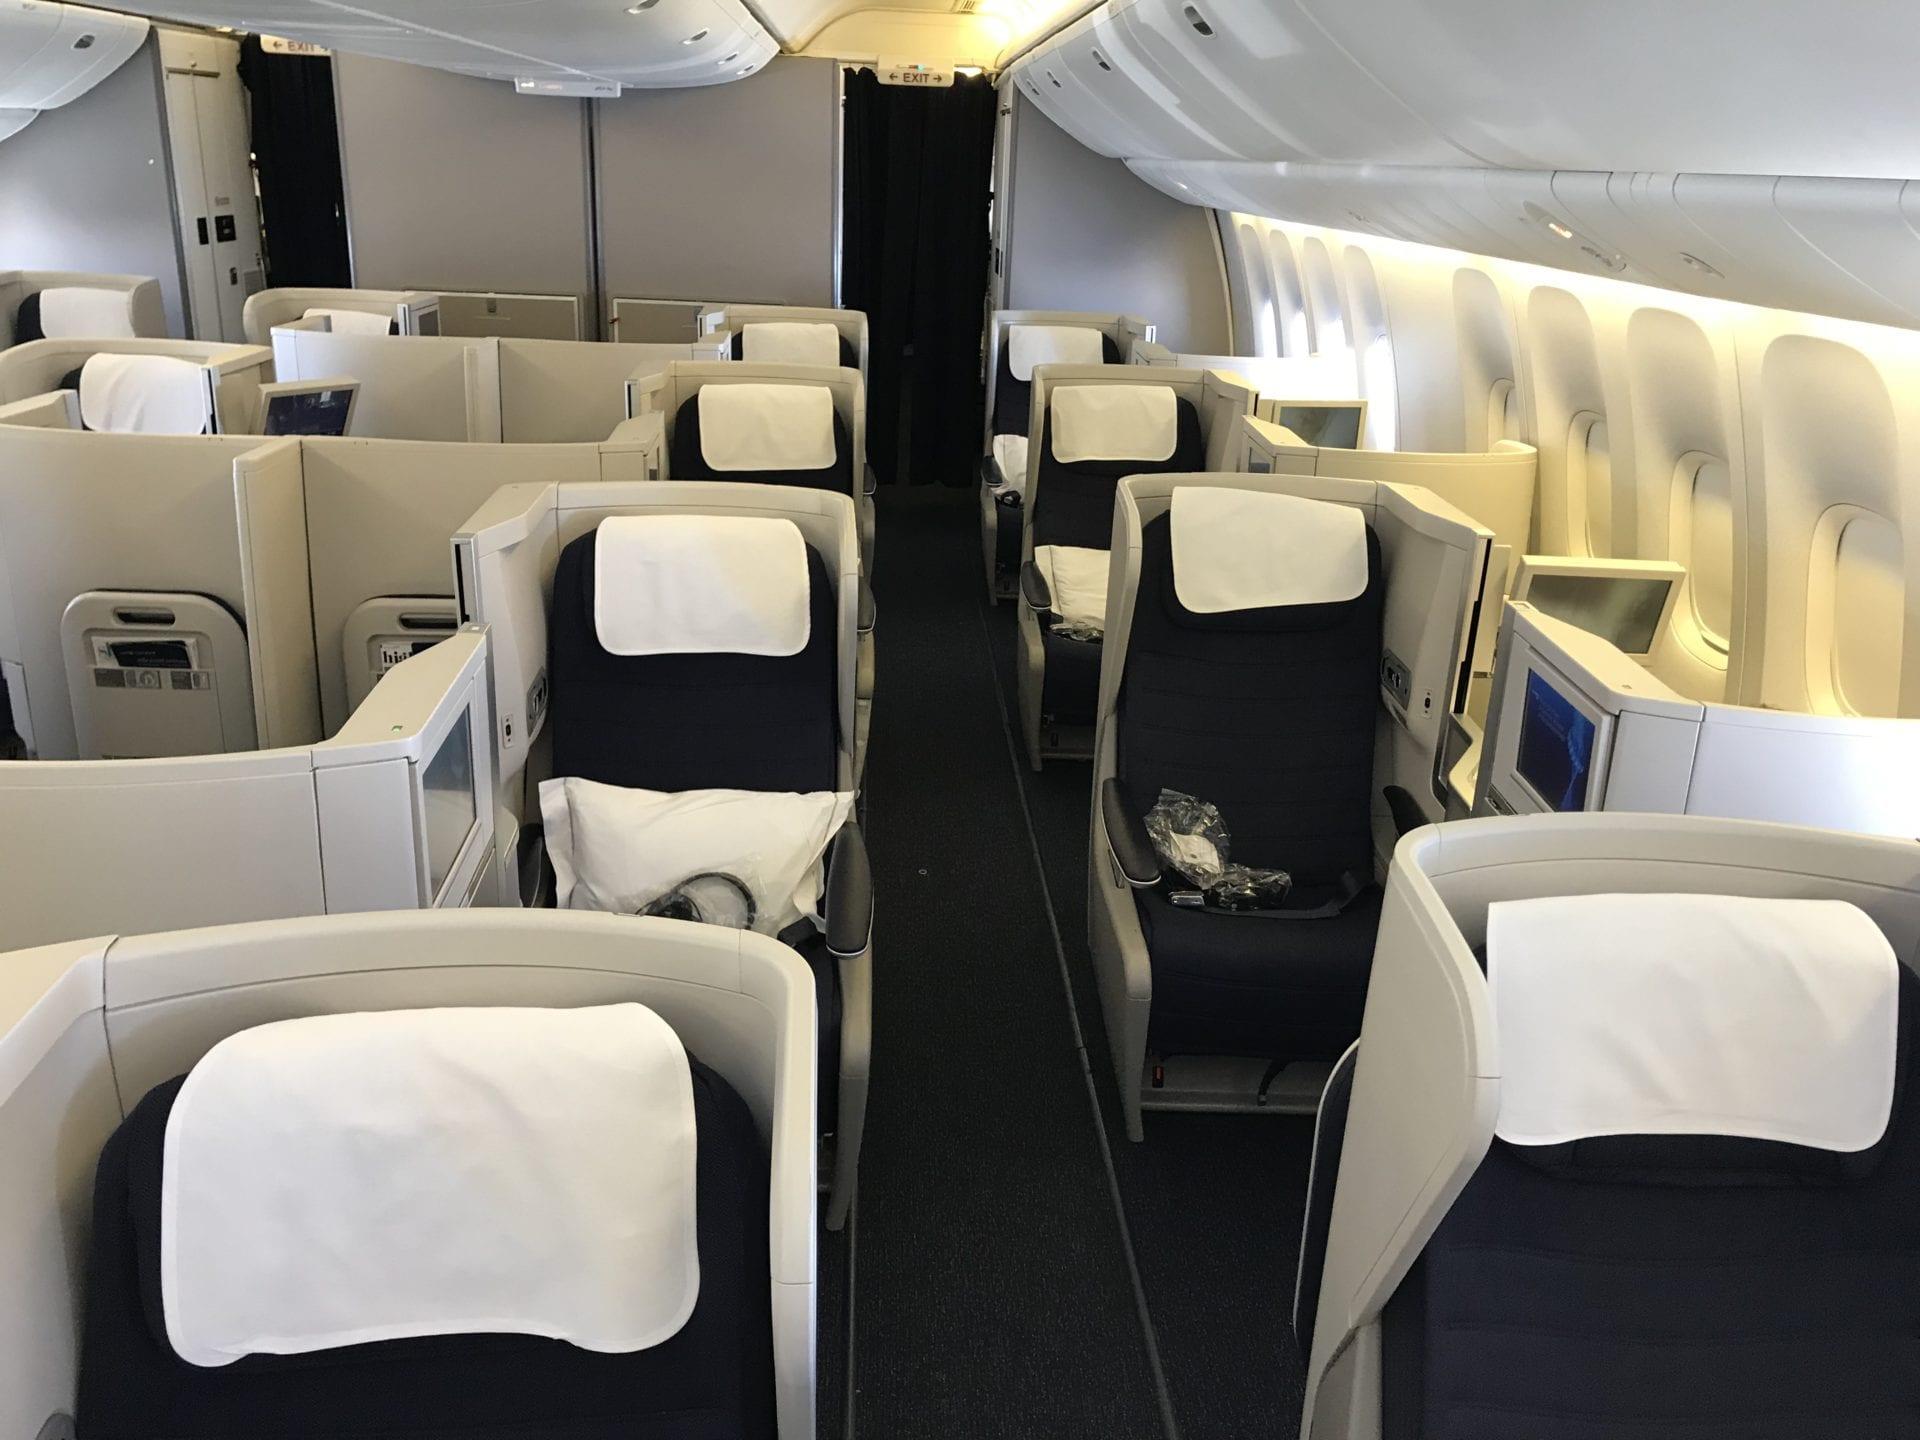 British Airways Business Class B777 Kabine 2